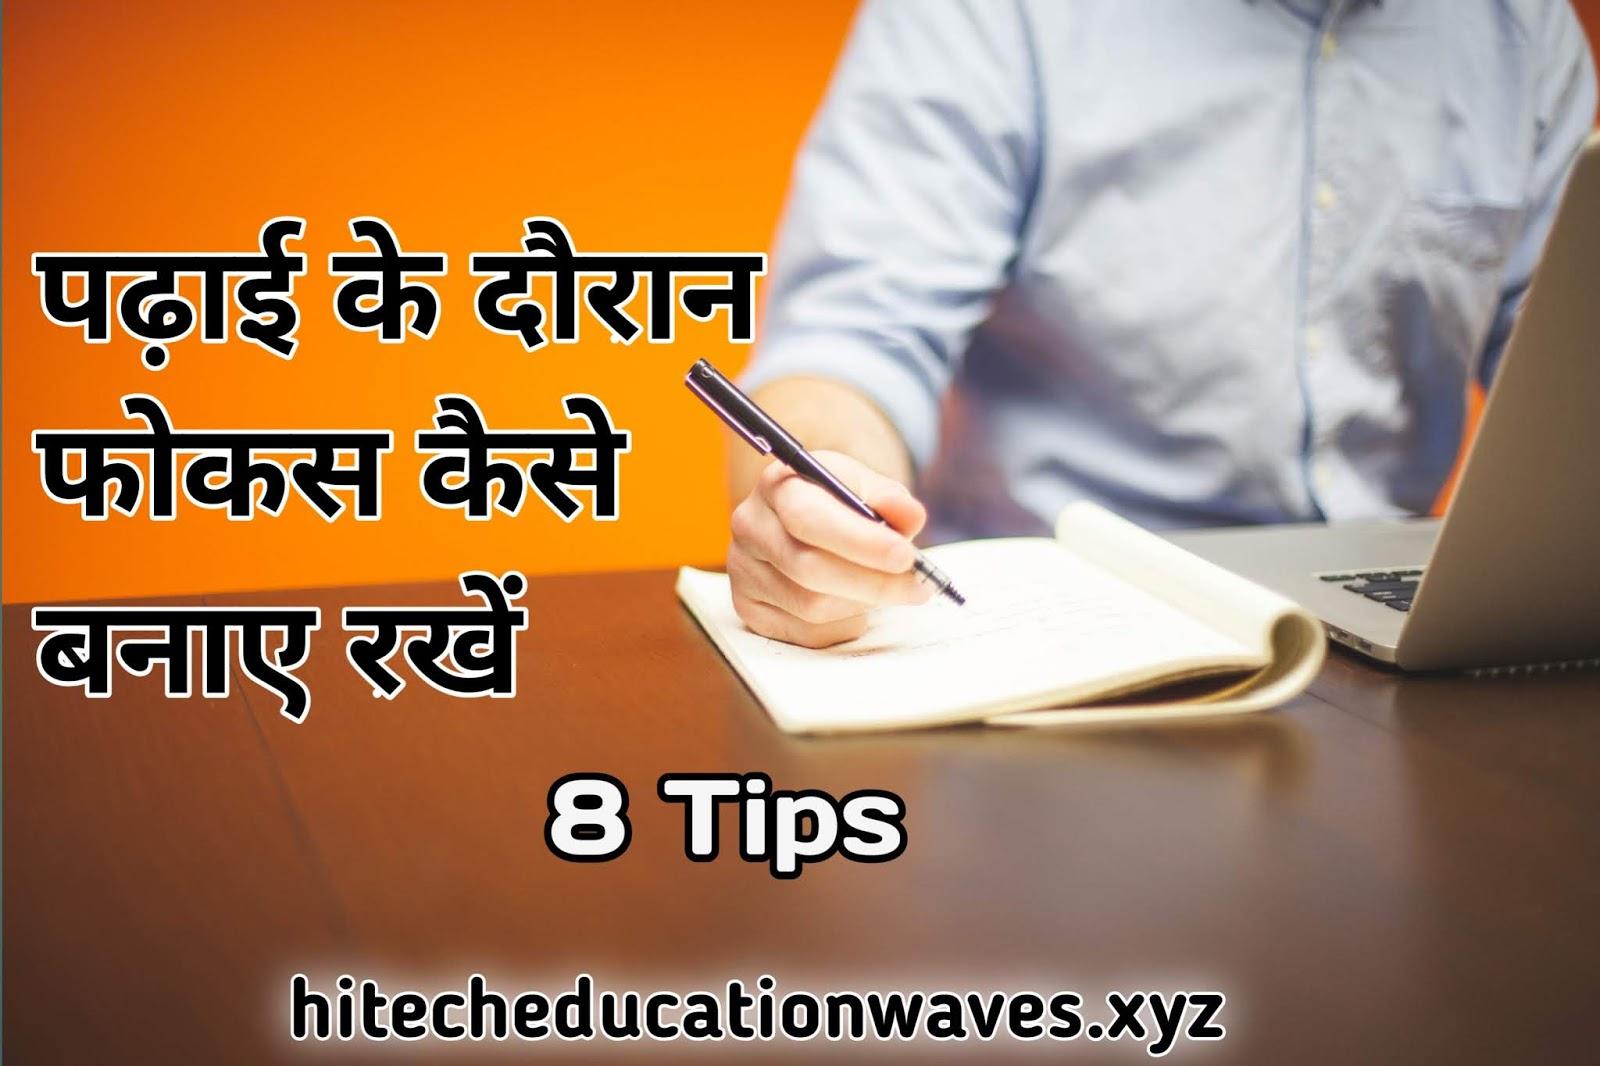 पढ़ाई के दौरान फोकस बनाए रखने के लिए 8 tips | 8 tips to maintain focus during studies in hindi.